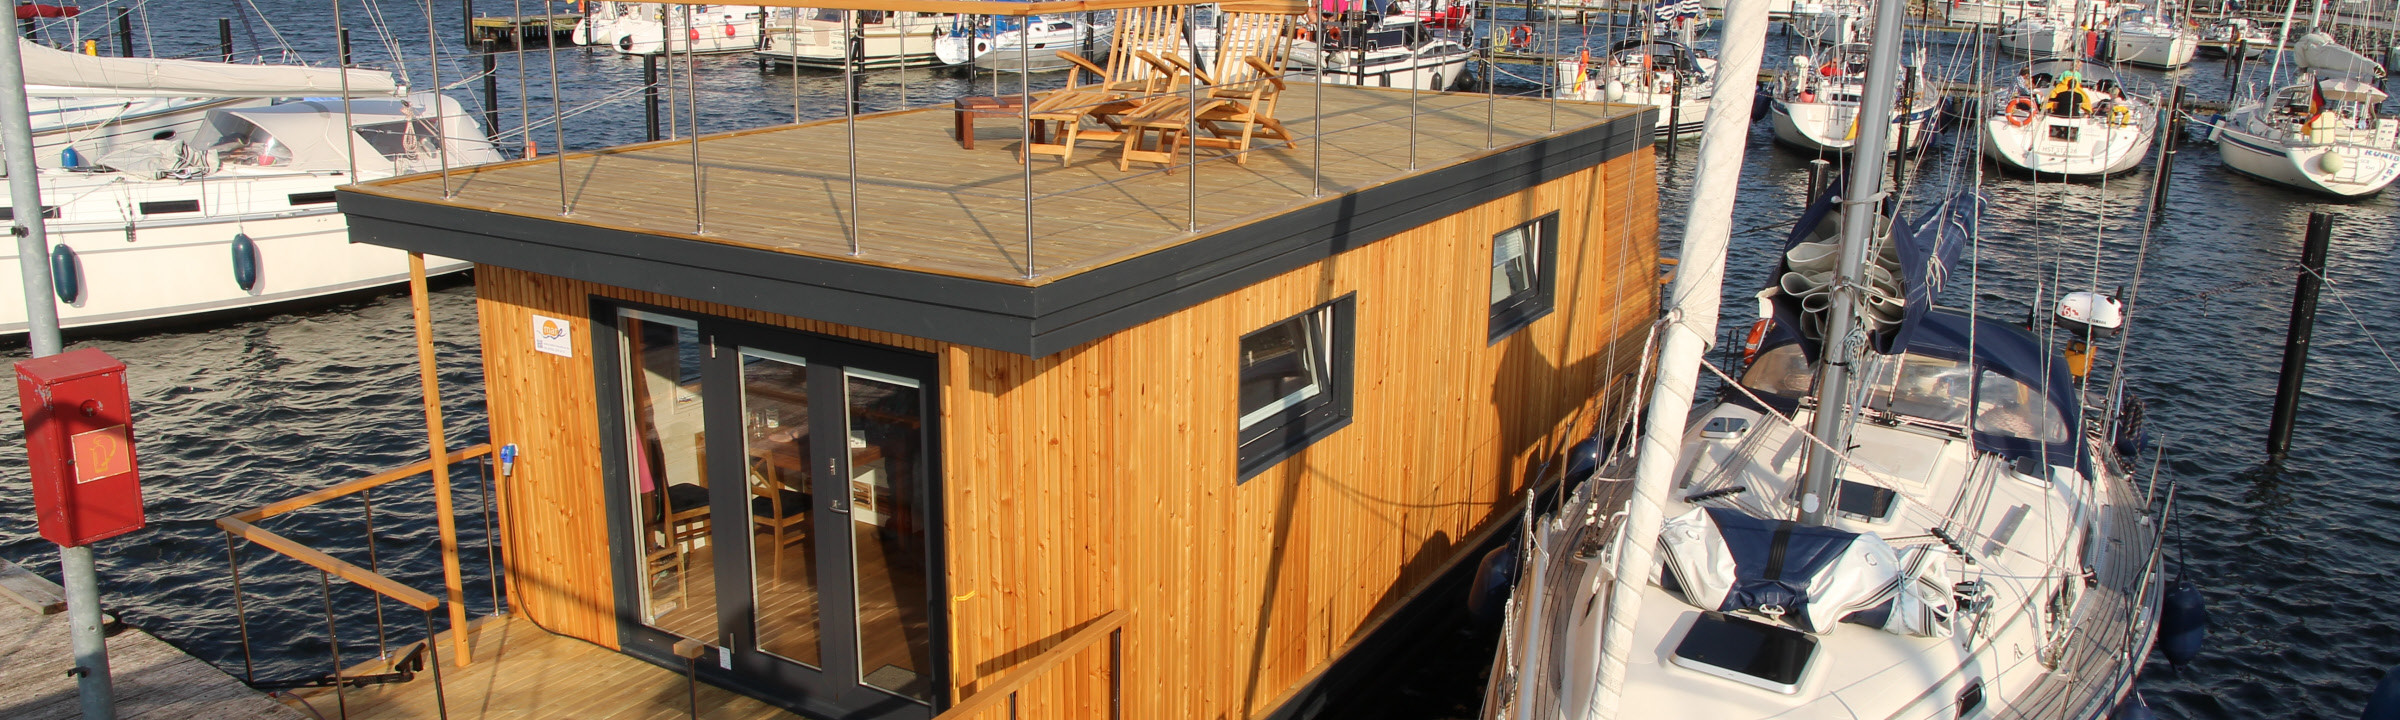 Hausboot – Ostsee, Heiligenhafen